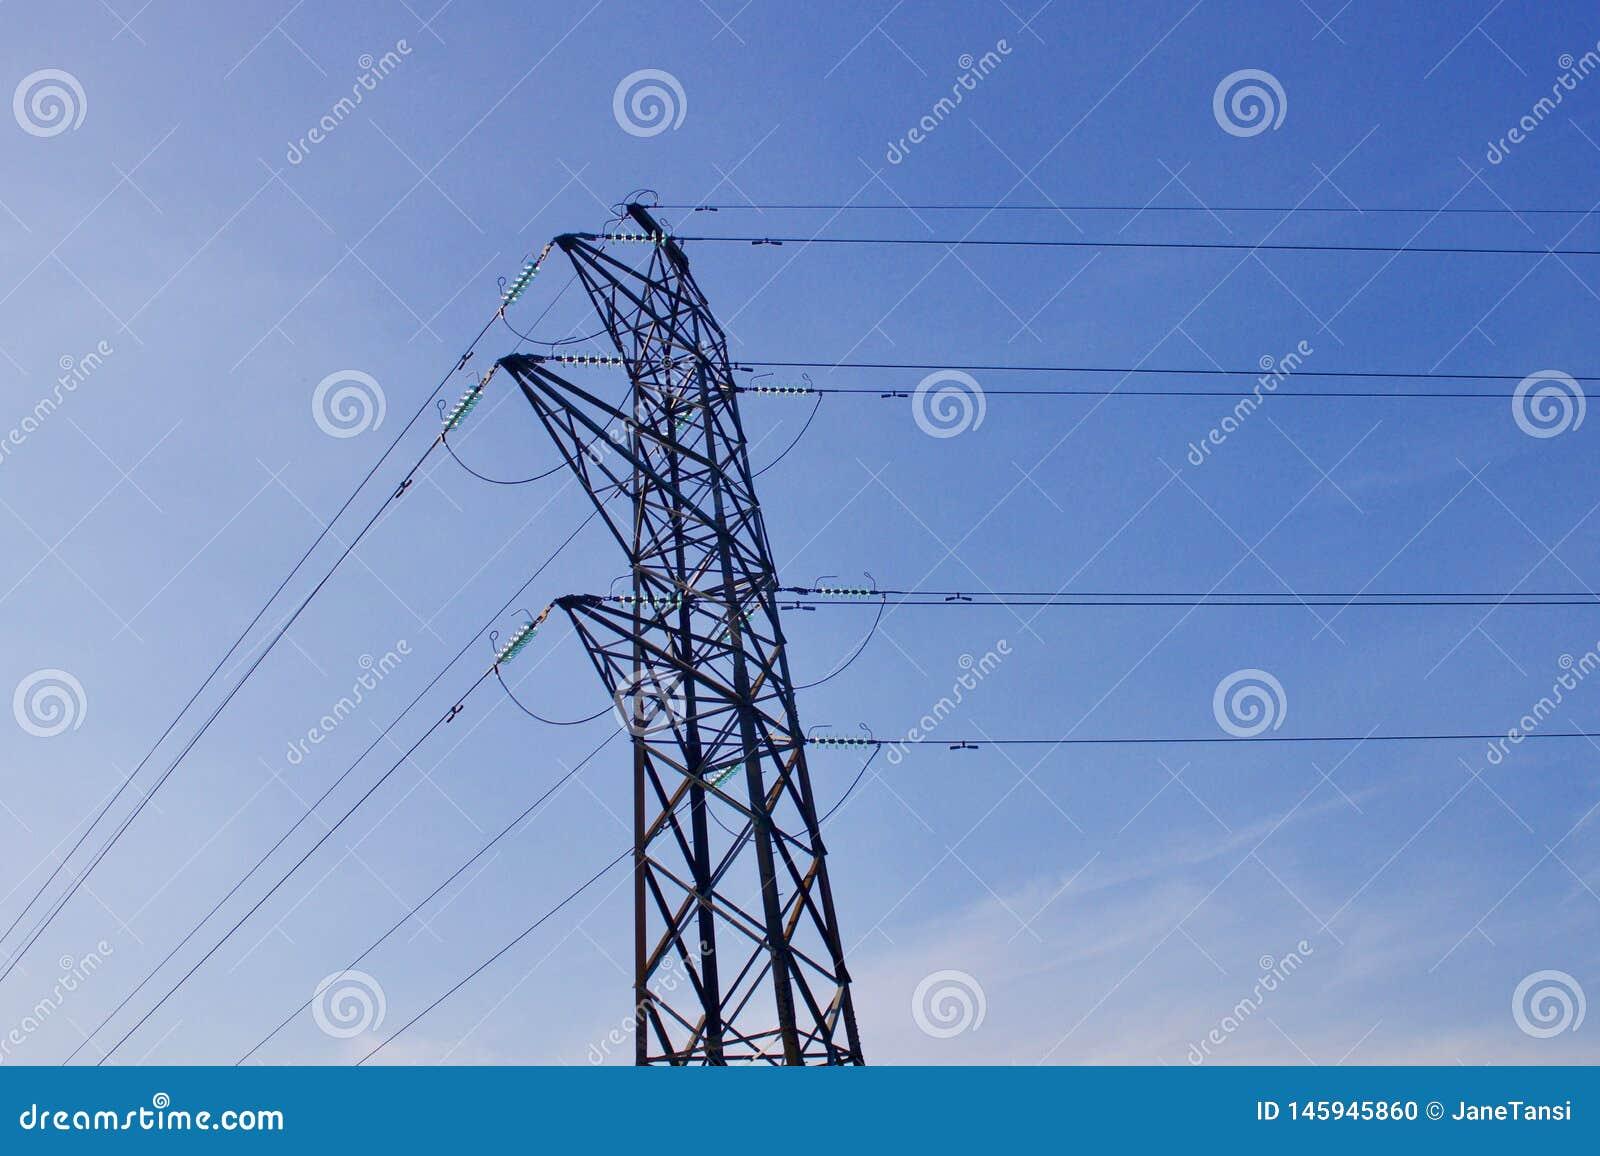 Elektriciteitspyloon met machtskabels tegen blauwe hemelachtergrond